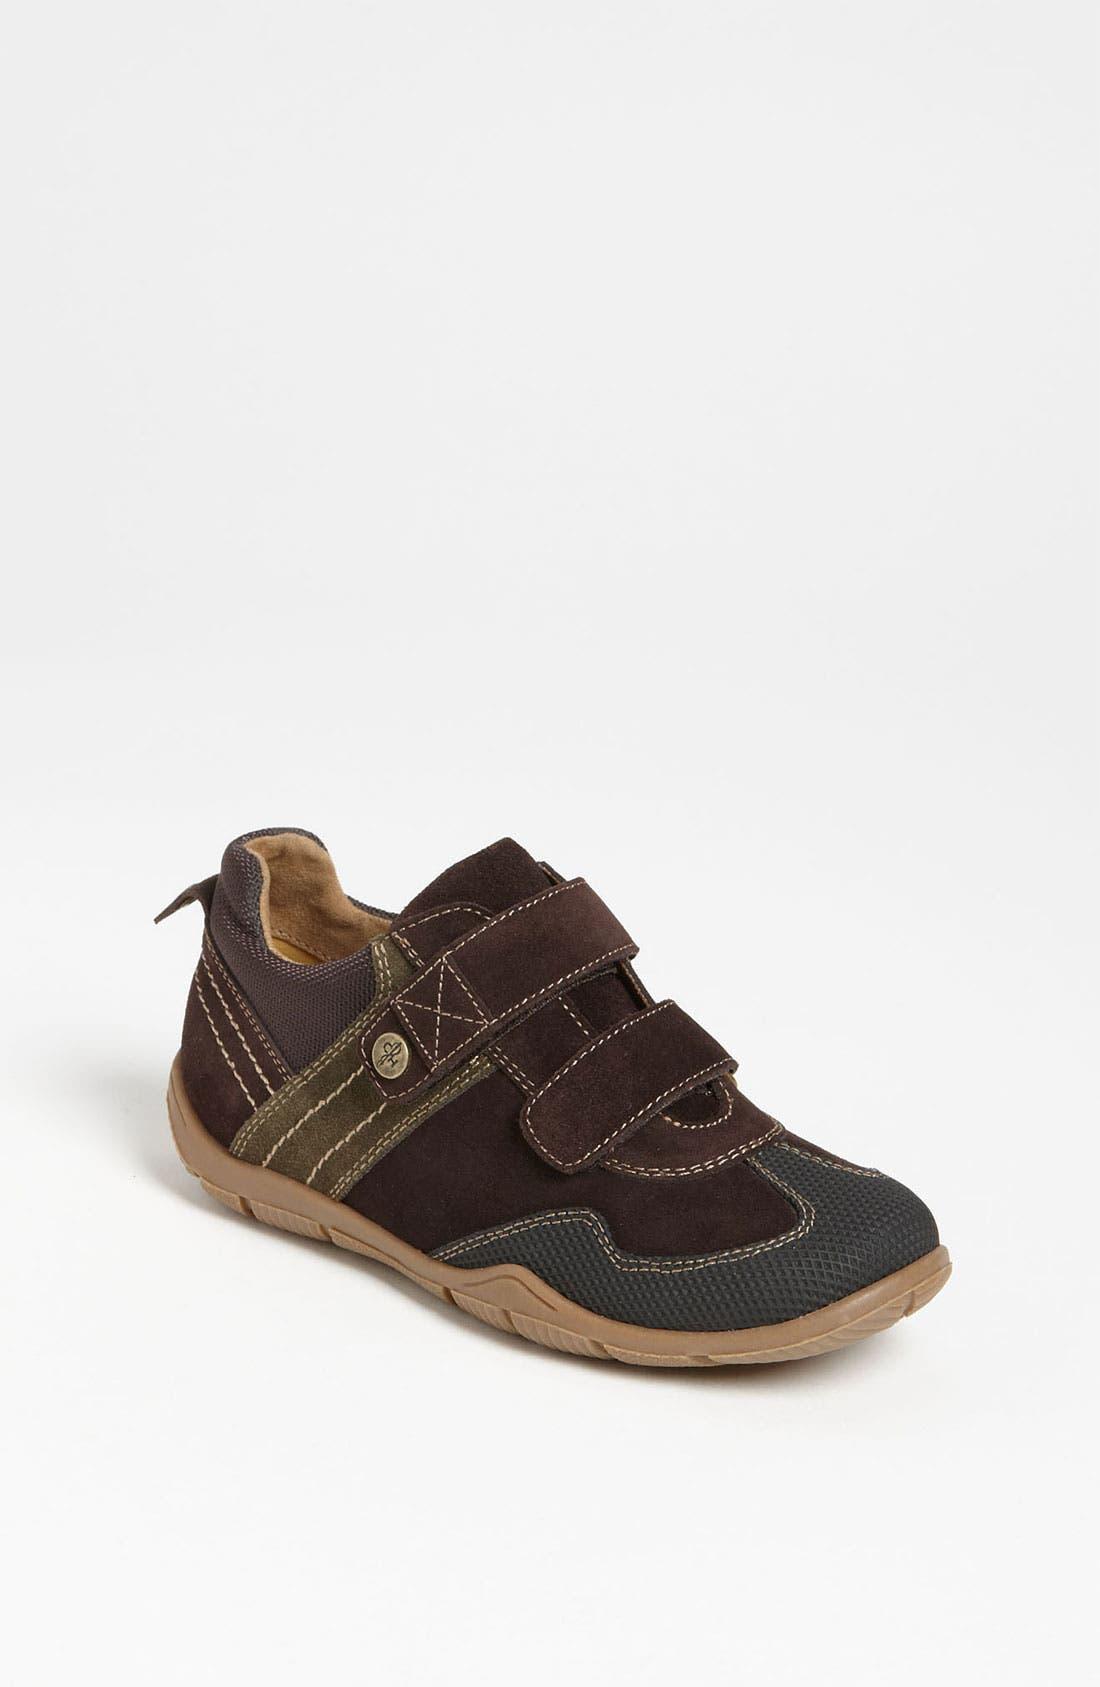 Alternate Image 1 Selected - Cole Haan 'Air Grande' Sneaker (Toddler, Little Kid & Big Kid)